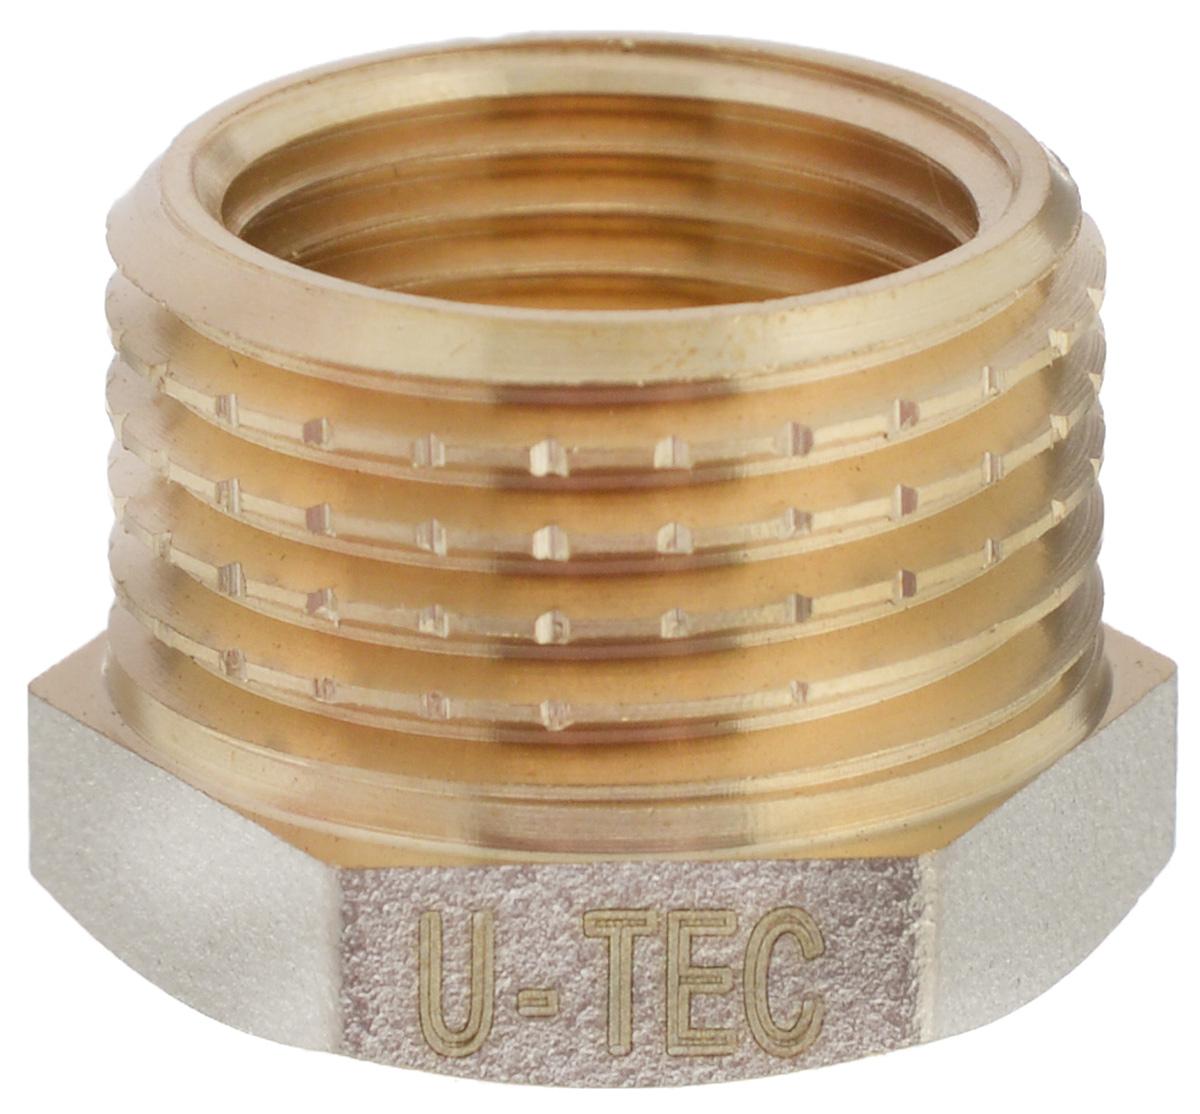 Футорка U-tec с фаской, 1/2 x 3/8UTV1201.Y05/BФуторка с фаской U-tec используется совместно с трубопроводом в качестве соединительного элемента. Главная особенность конструкции футорки - это наличие как внешней, так и внутренней резьбы, что позволяет соединить между собой отрезки труб различные по резьбе. С помощью футорки осуществляется переход с внутренней на наружную резьбу, большую по диаметру. Футорка выполнена из латуни, за счет чего не подвергается коррозии и любым механическим и химическим воздействиям. Приспособление просто незаменимо в случае создания водопроводной или газовой магистрали.Резьба: 1/2 x 3/8.